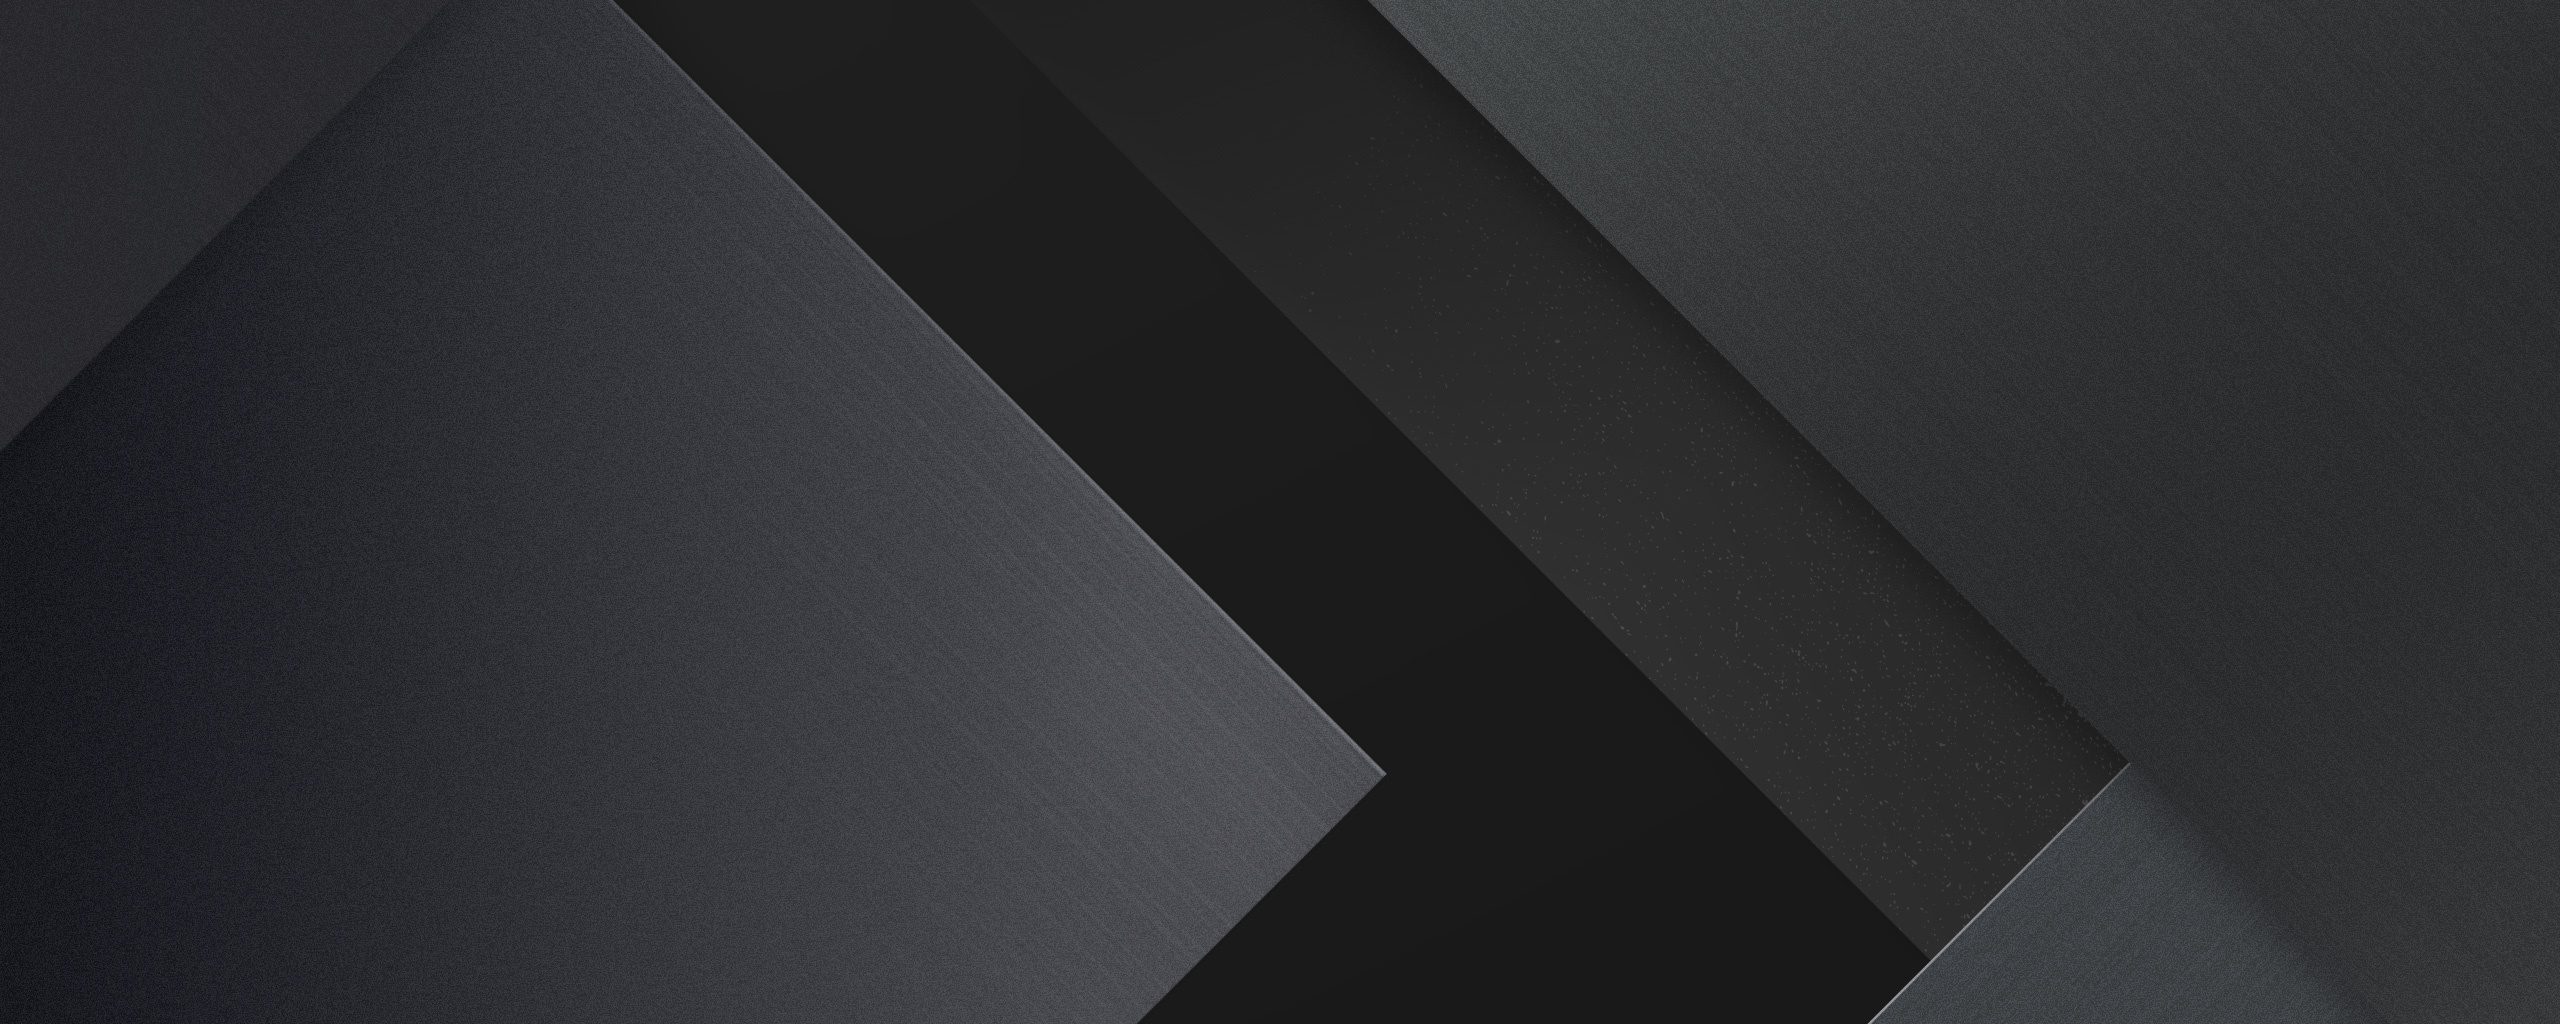 Material Design, Geometric, Stock, Dark Black, 2560X1024 Wallpaper